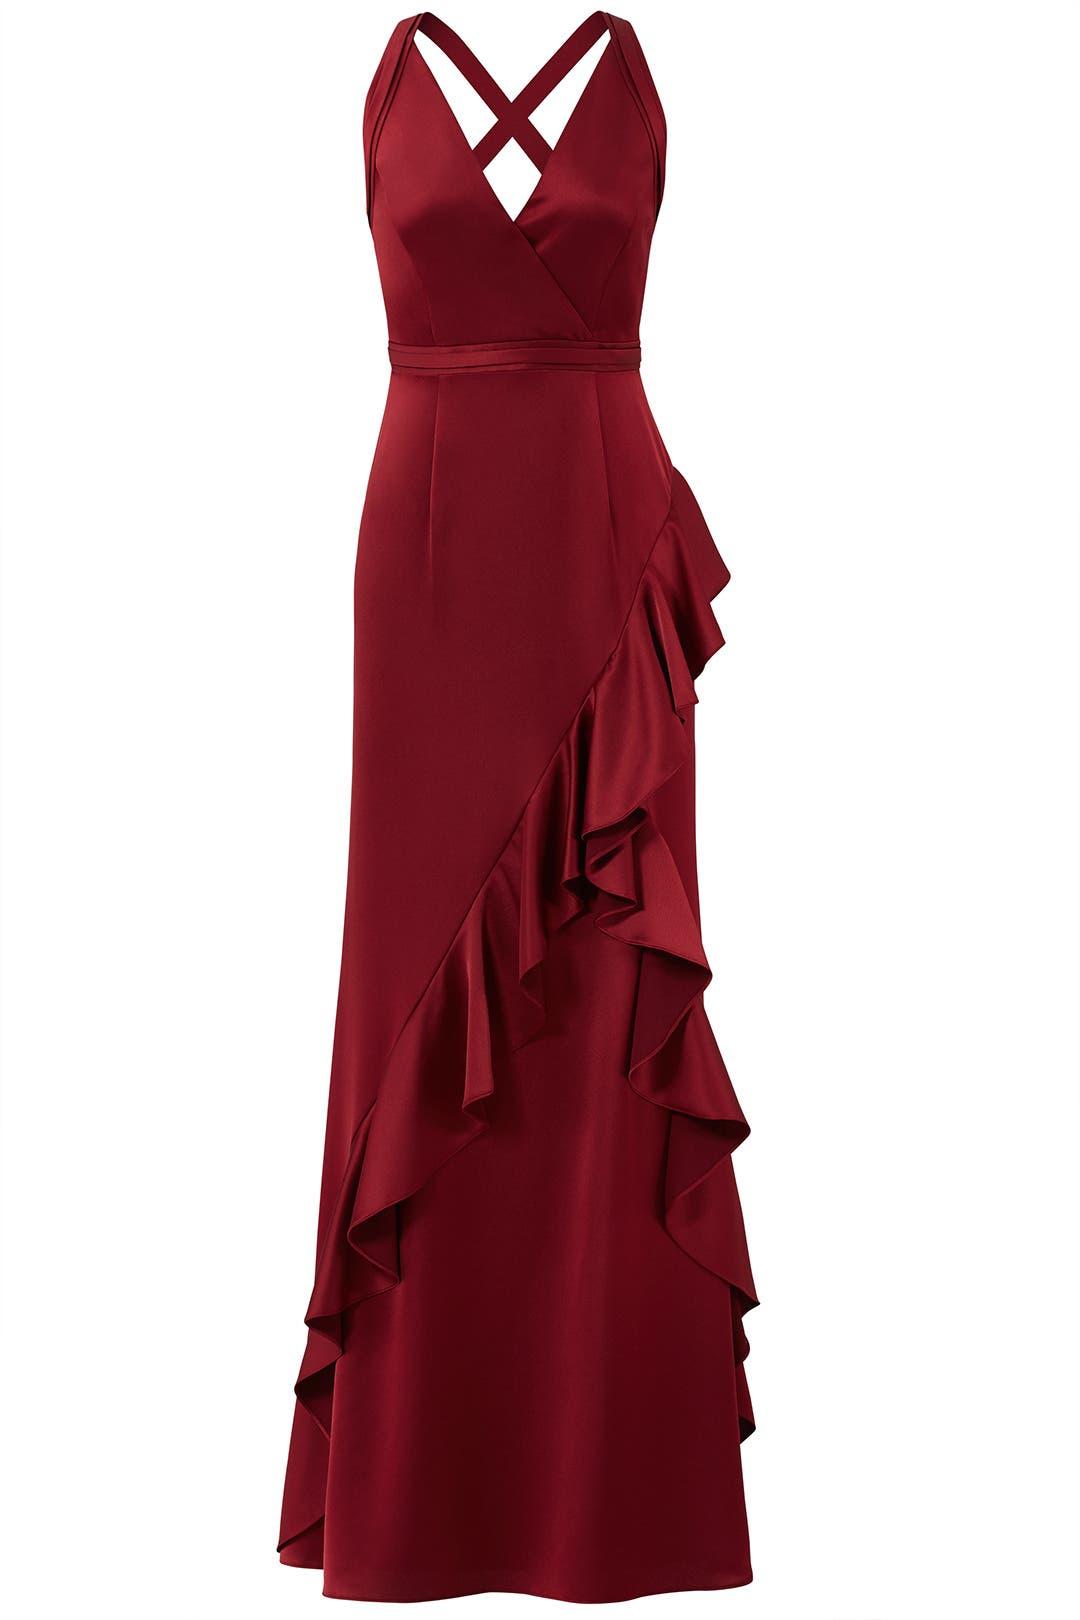 Red Evening Wear Dress